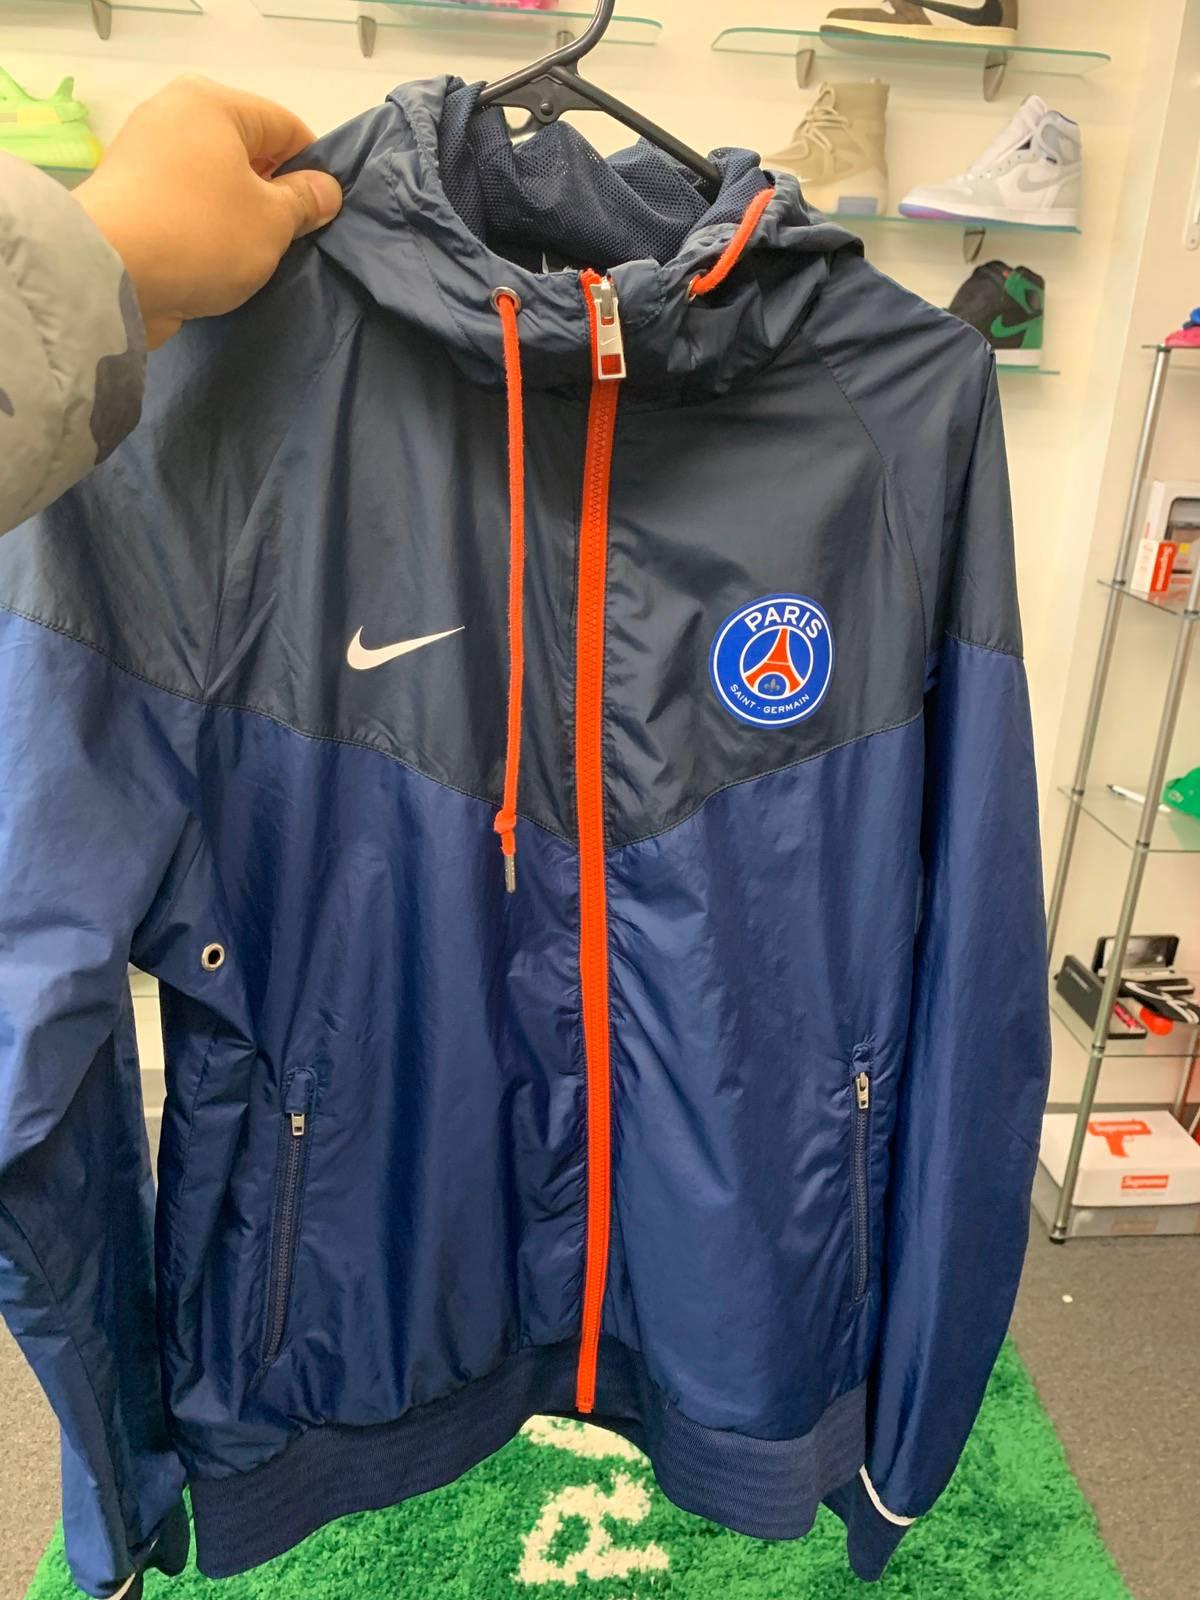 nike psg training jacket size m 80